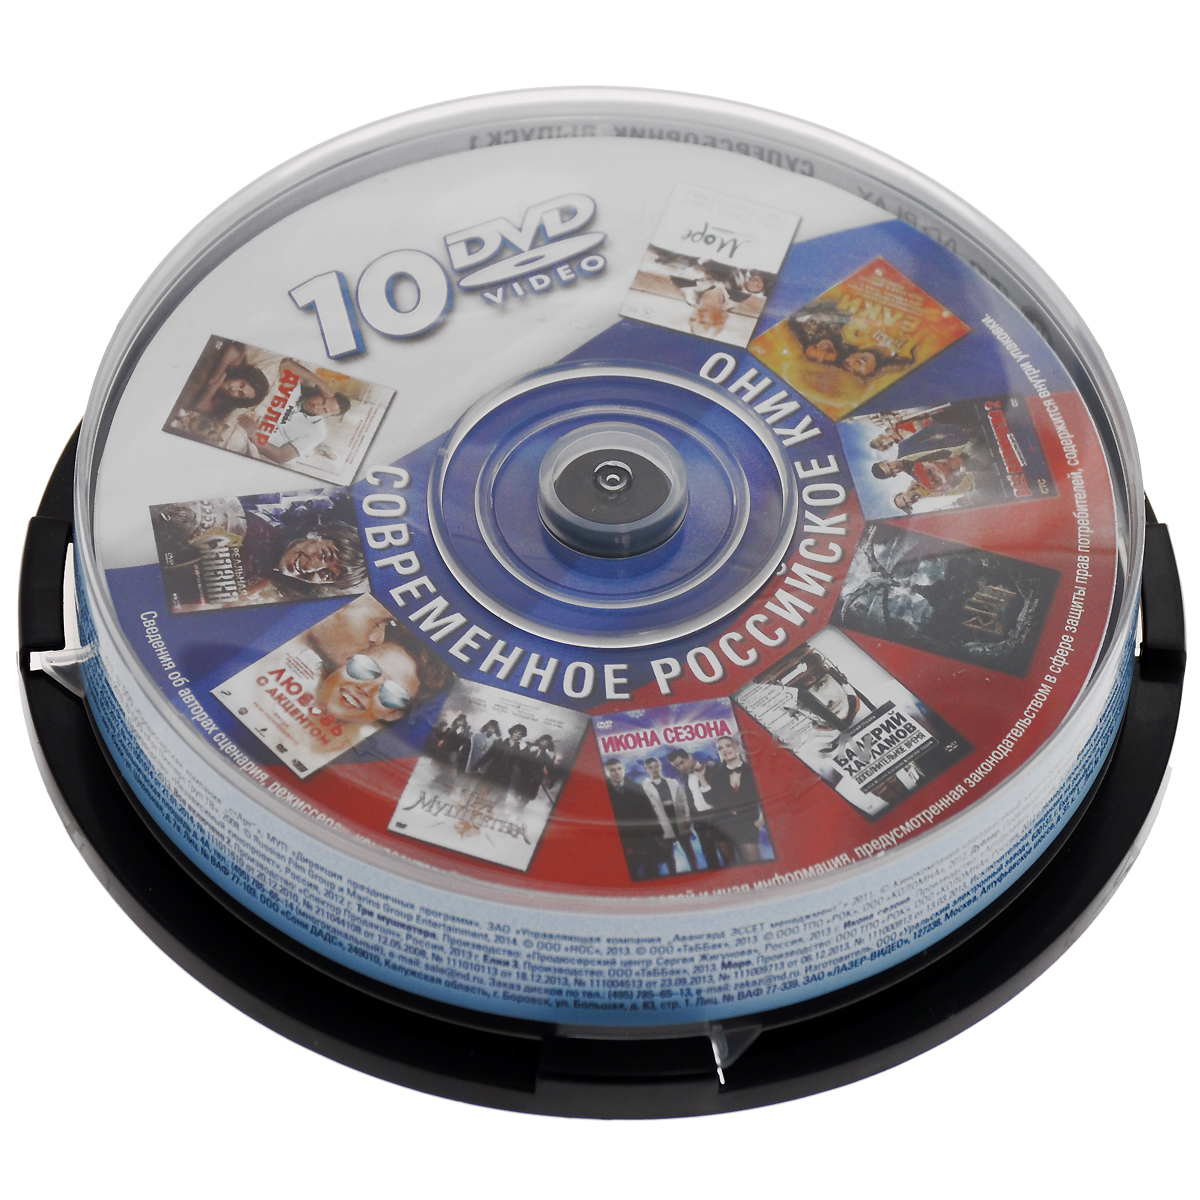 Суперсборник: Выпуск 1: Современное российское кино (10 DVD) madboy dvd диск караоке мульти кино 1